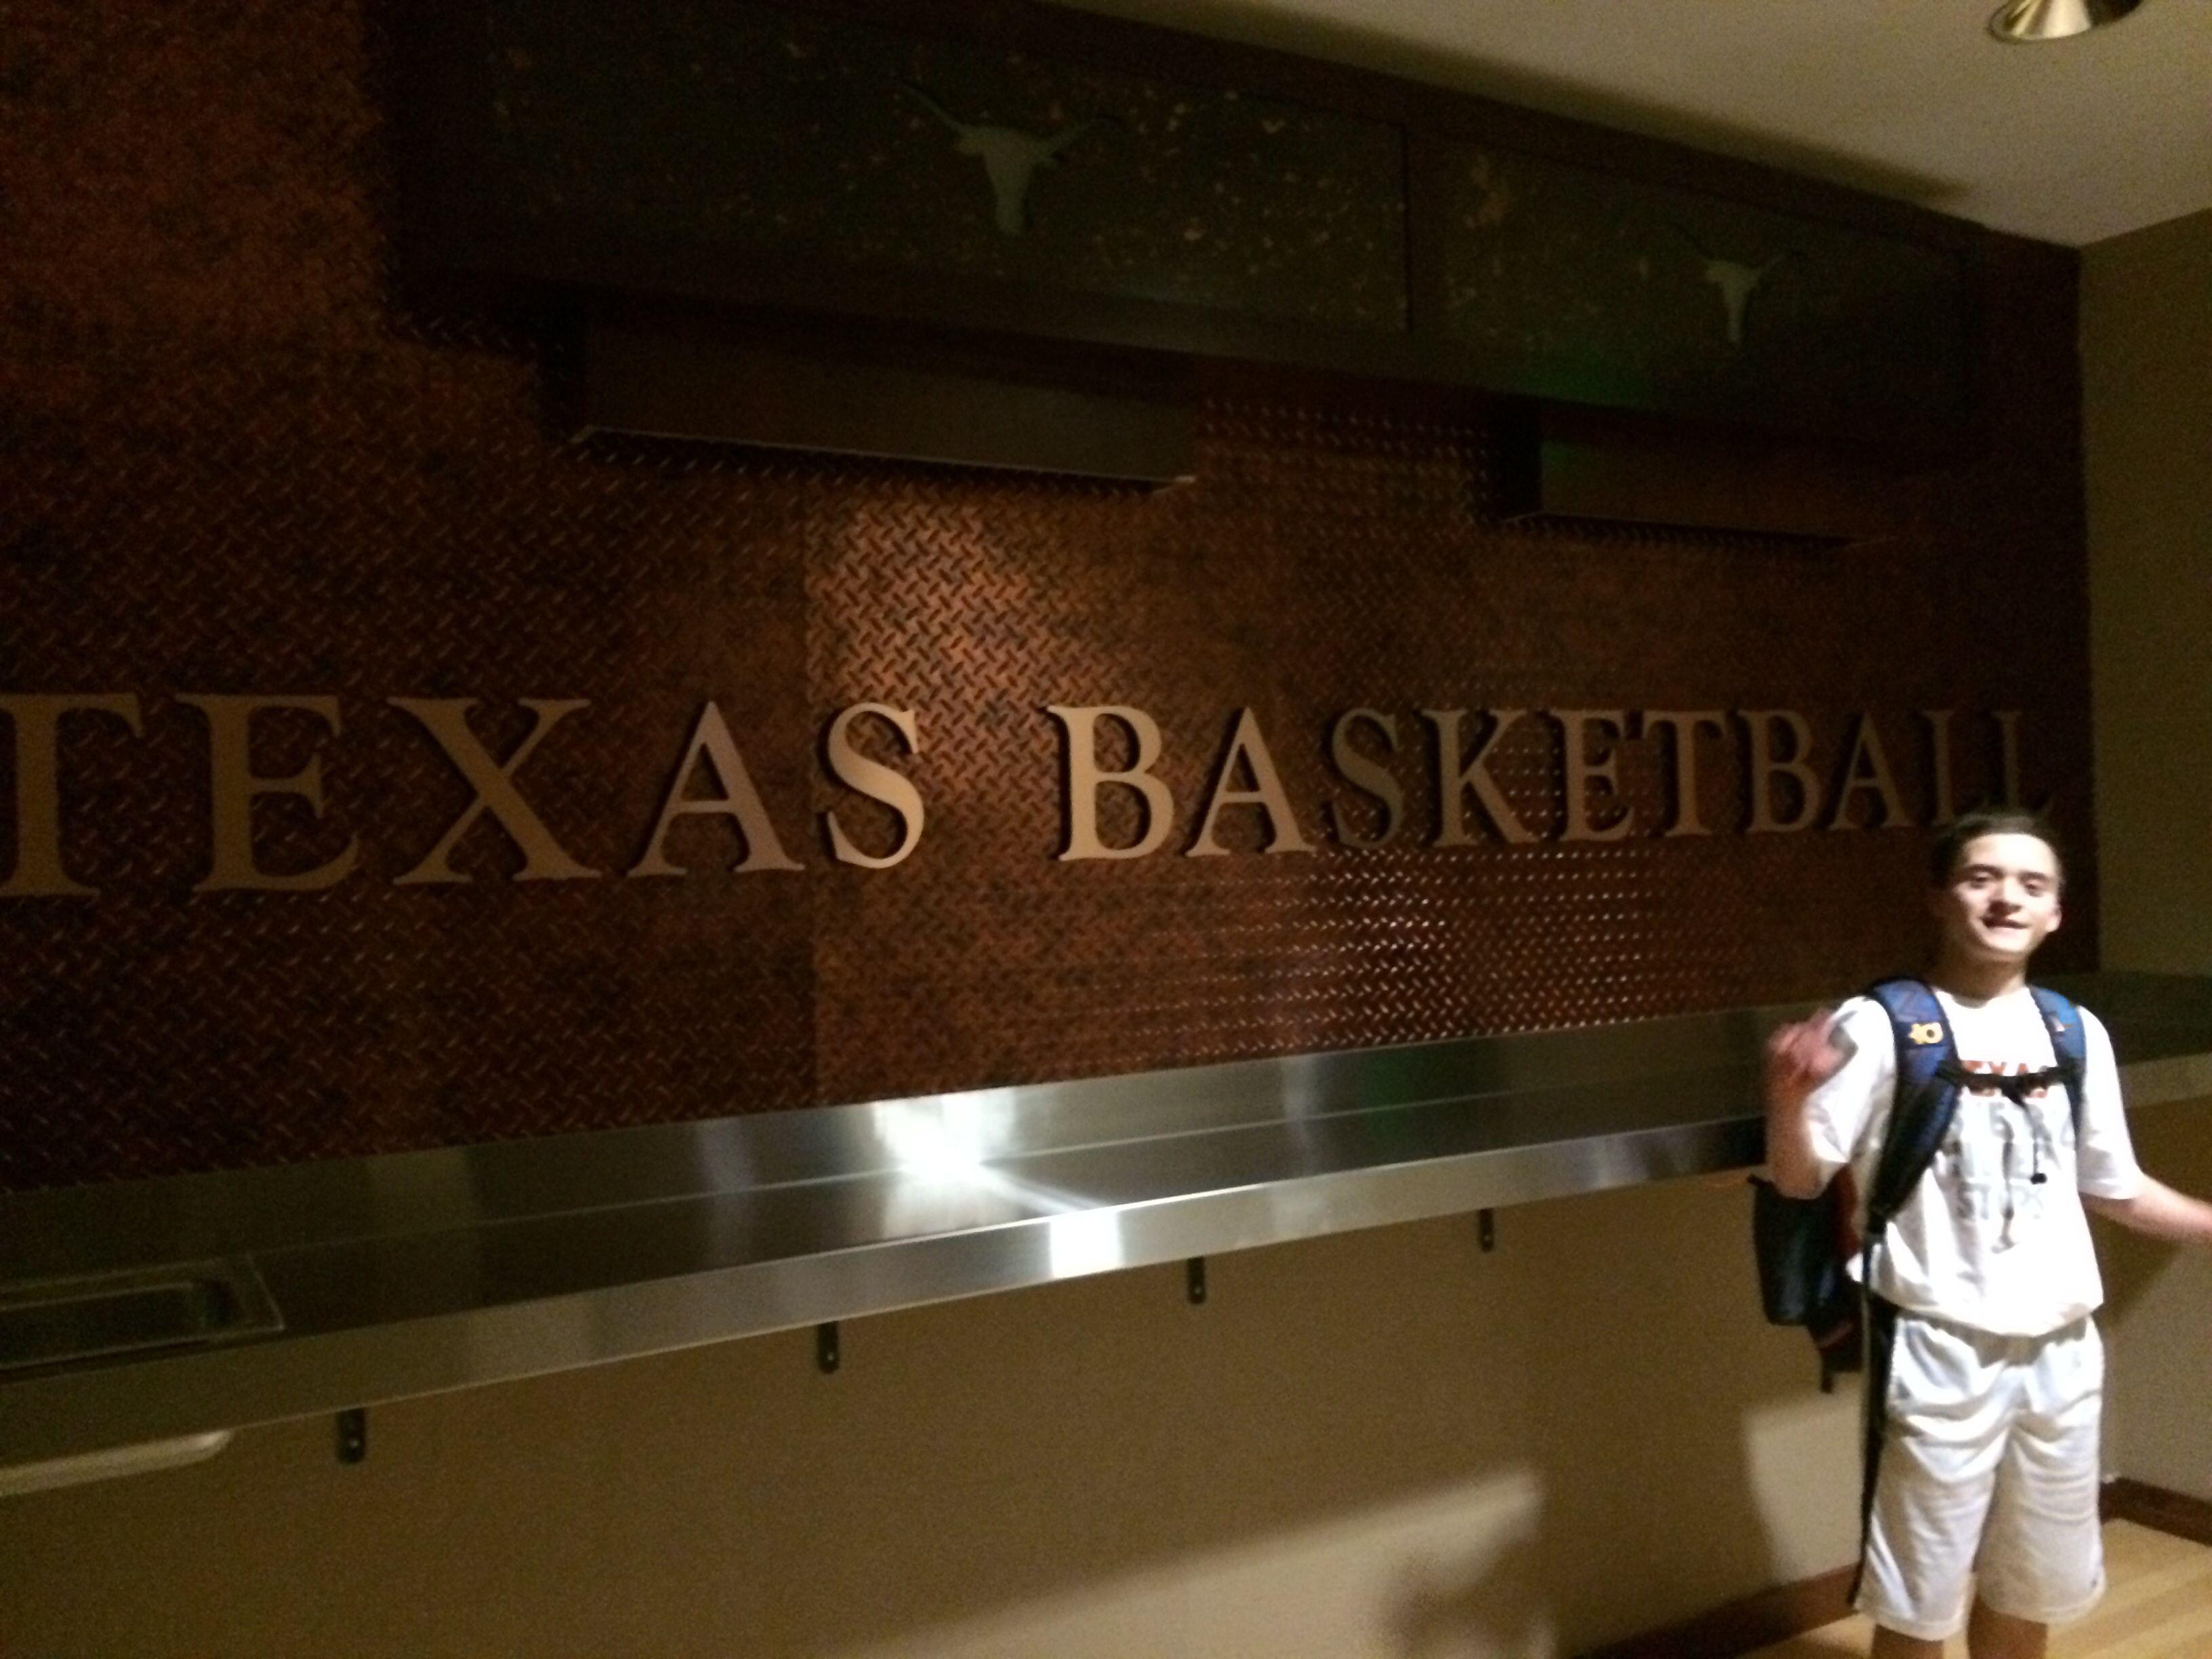 Texas basketball | Basketball coach, Coaching, Basketball